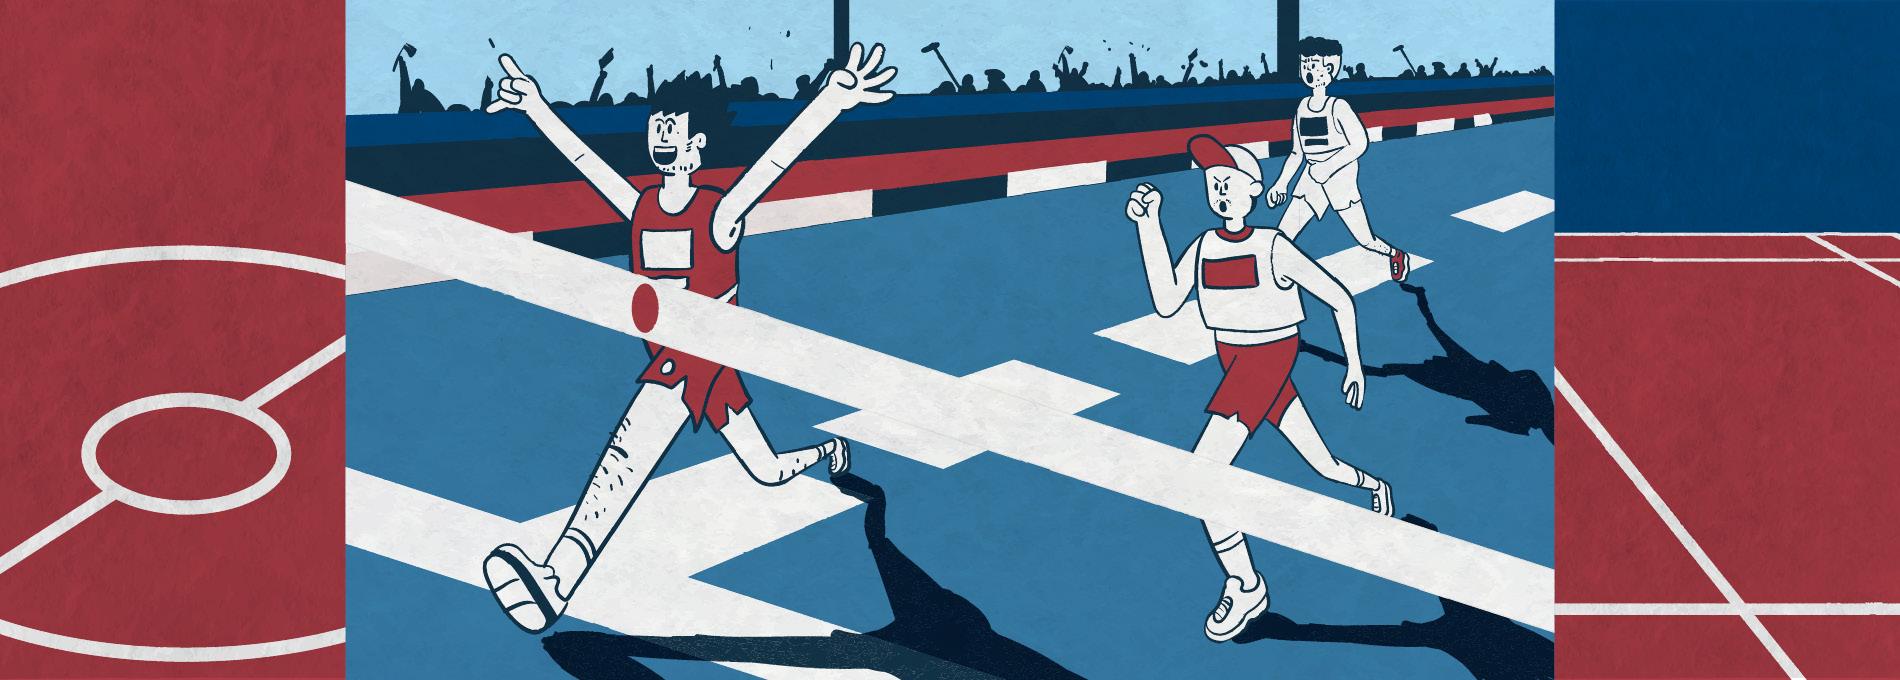 Enquanto Tóquio não vem: a preparação dos atletas olímpicos